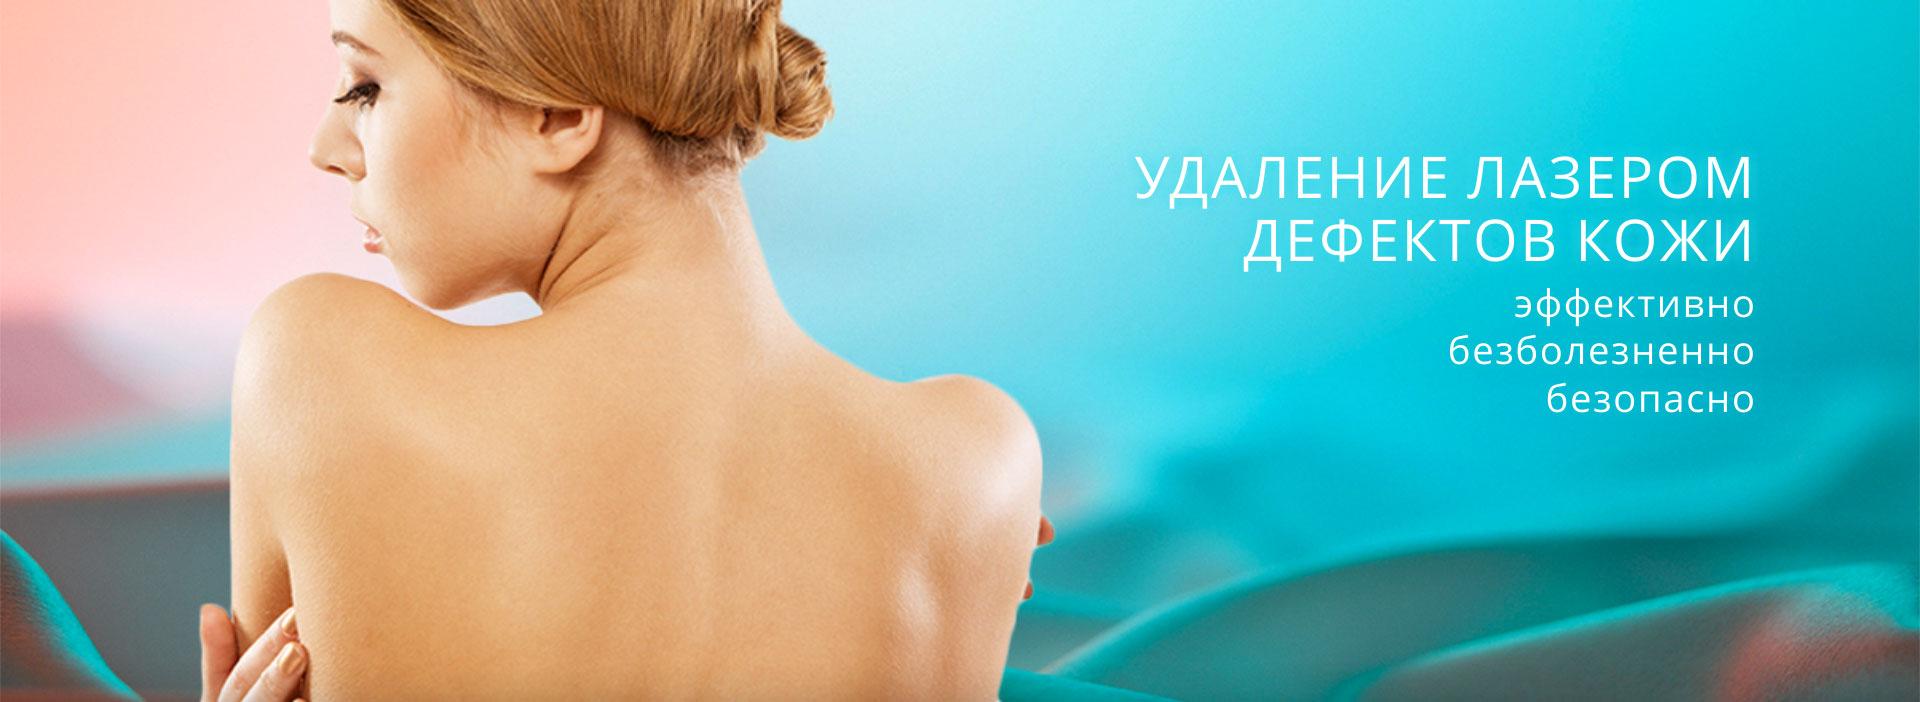 Безопасное лазерное удаление дефектов кожи